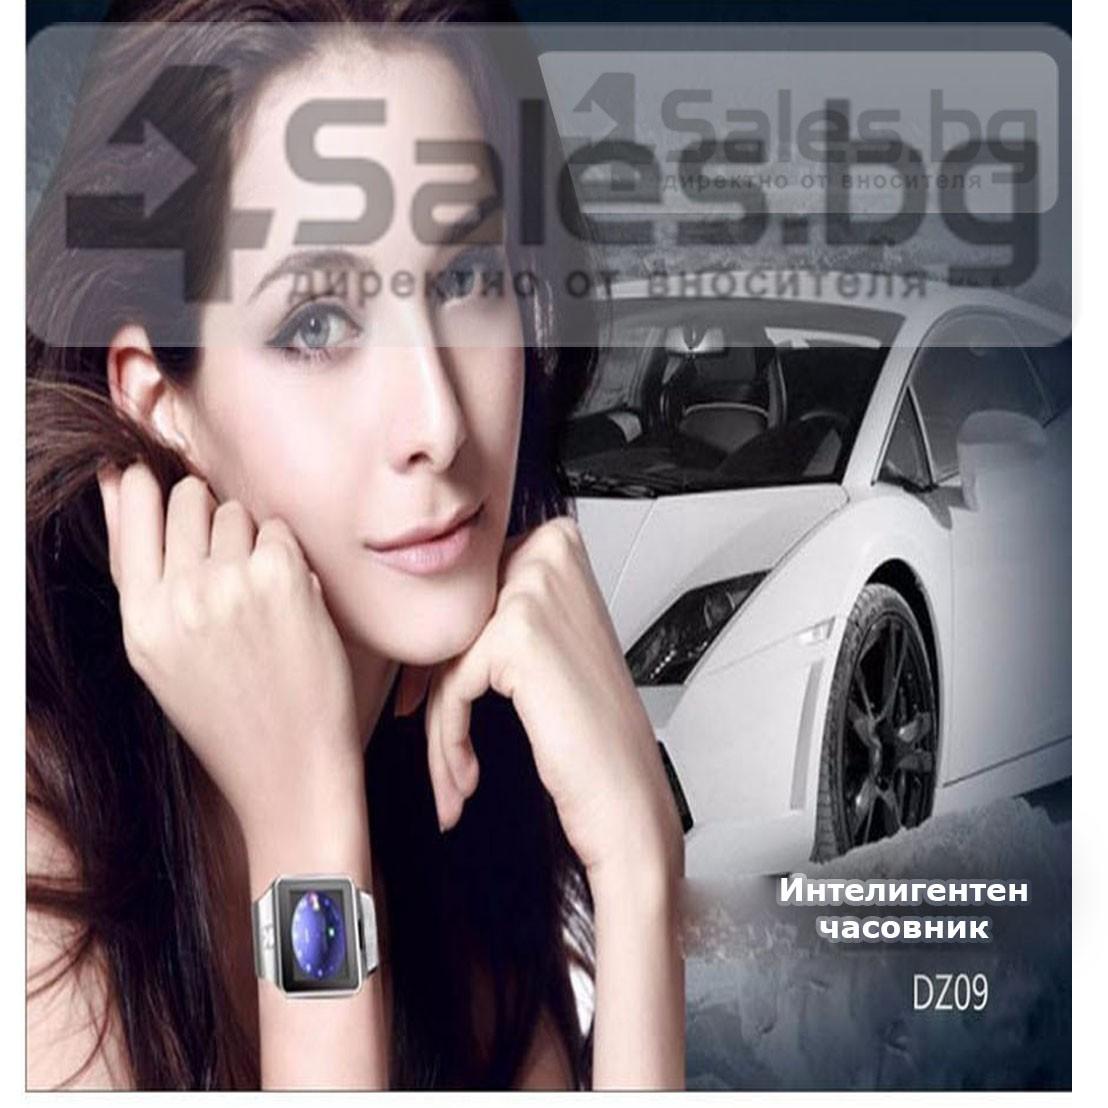 Смарт Часовник телефон с камера и сим карта Оригинален продукт dz09 на Български 48